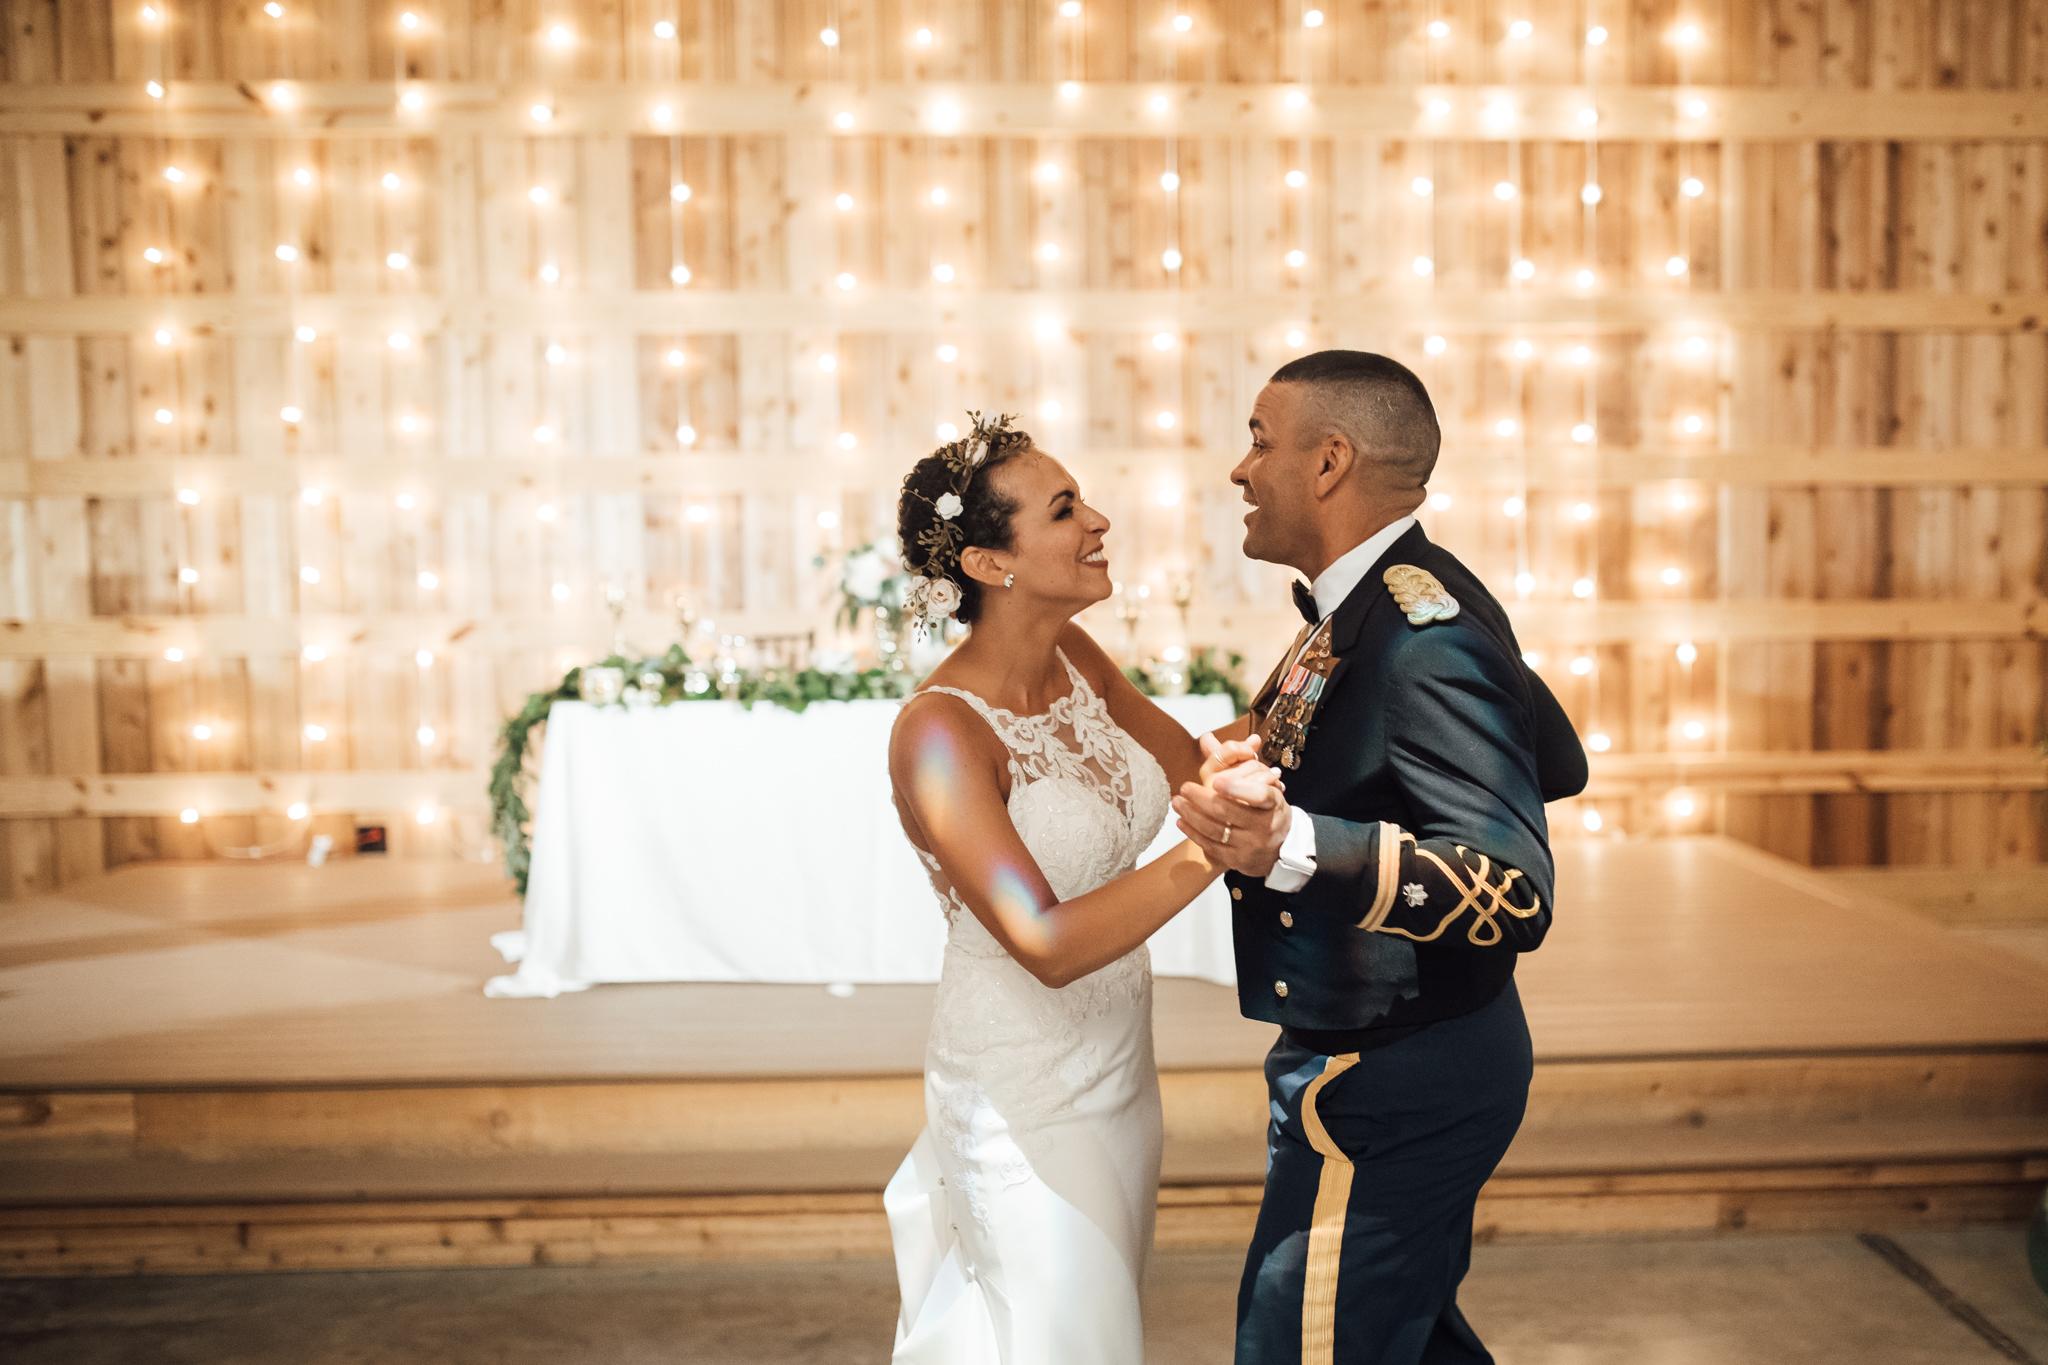 saddlewoodsfarms-nashville-wedding-photographer-thewarmtharoundyou-rustic-wedding (74 of 251).jpg